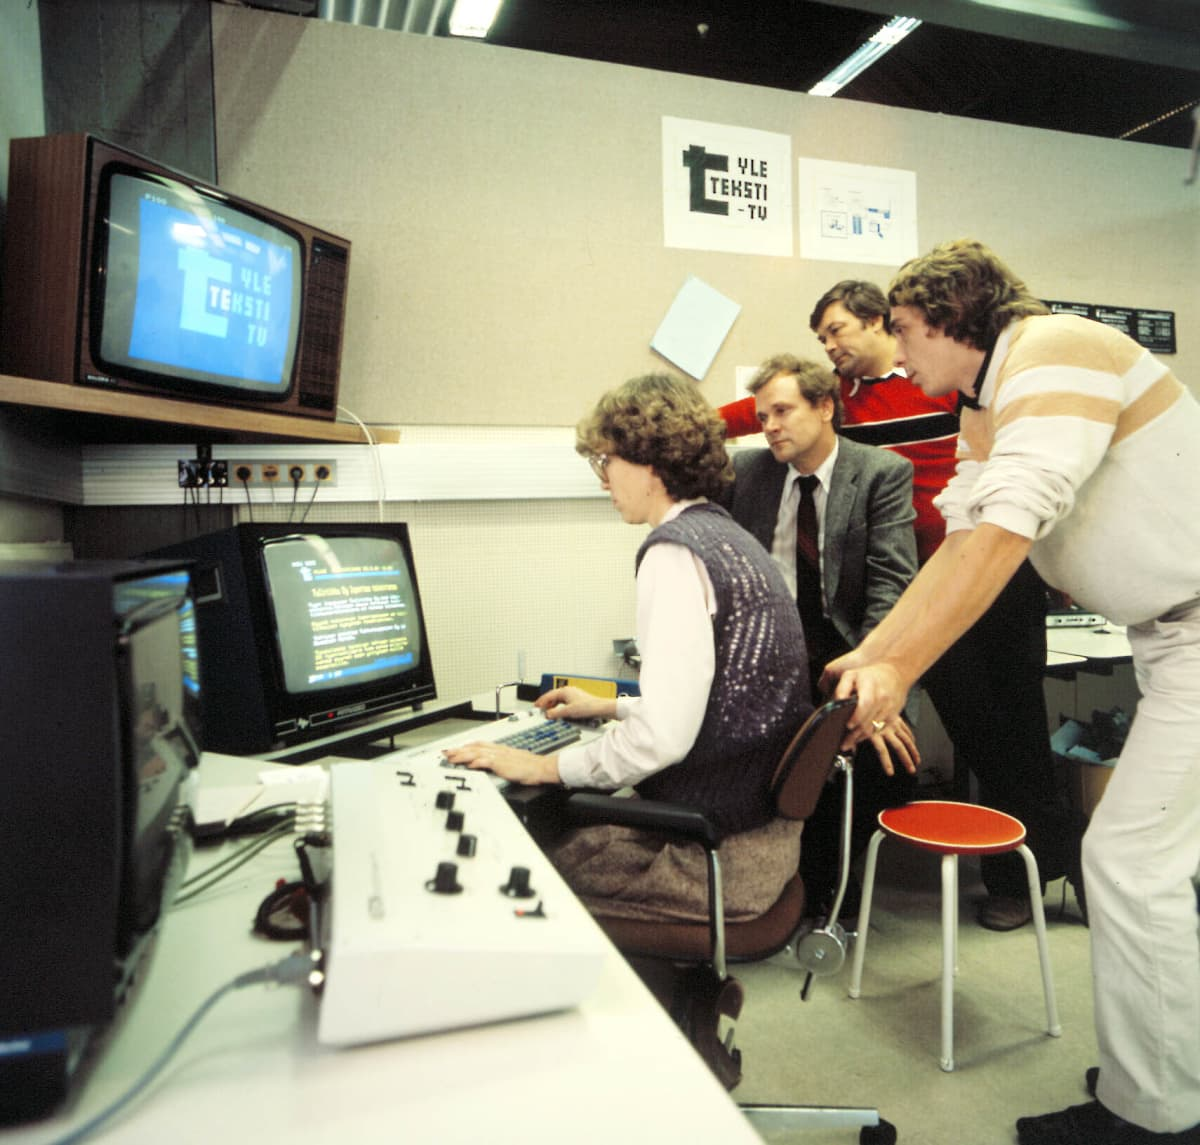 Teksti-tv:n toimitus vuonna 1981